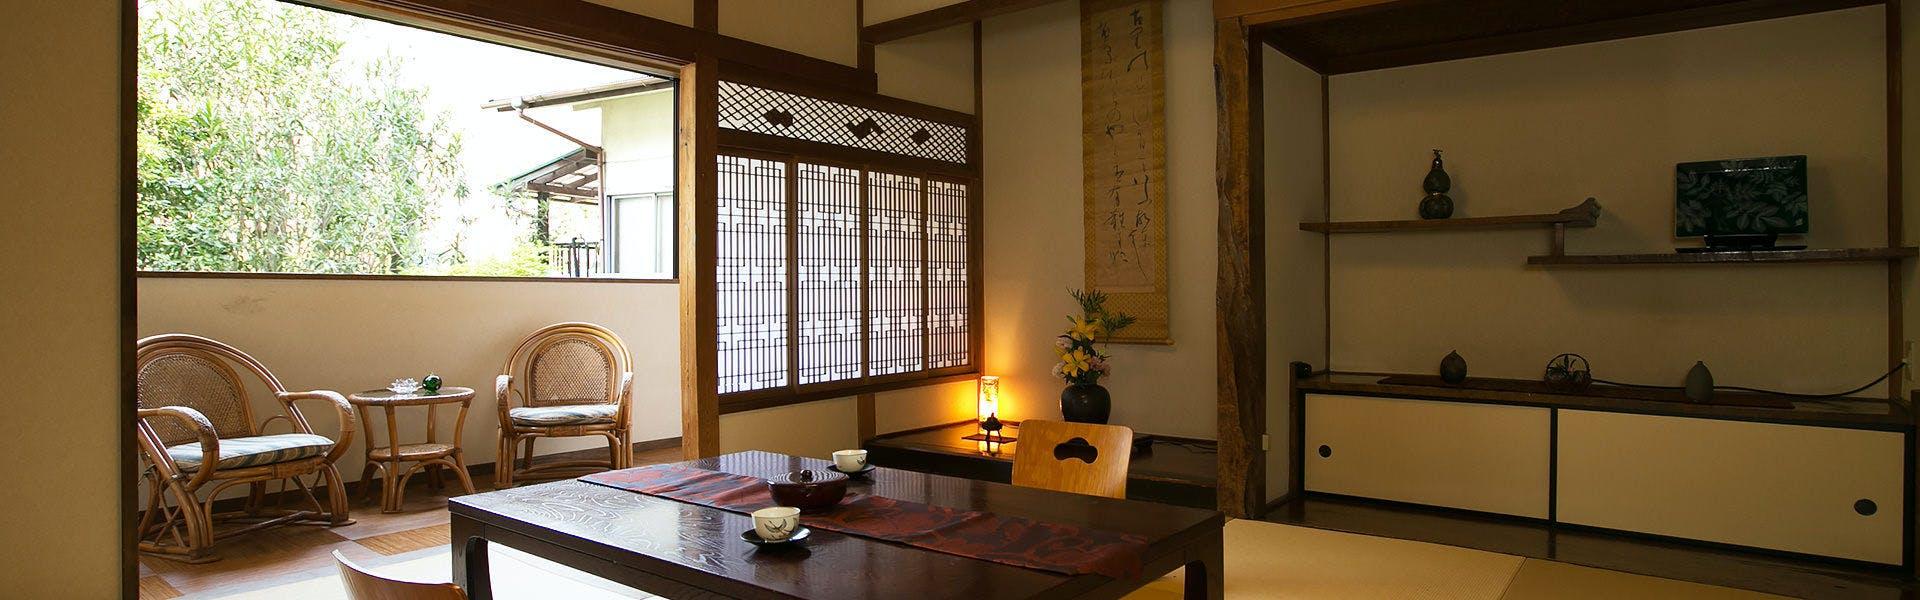 記念日におすすめのホテル・箱根湯本温泉 喜仙荘の写真1